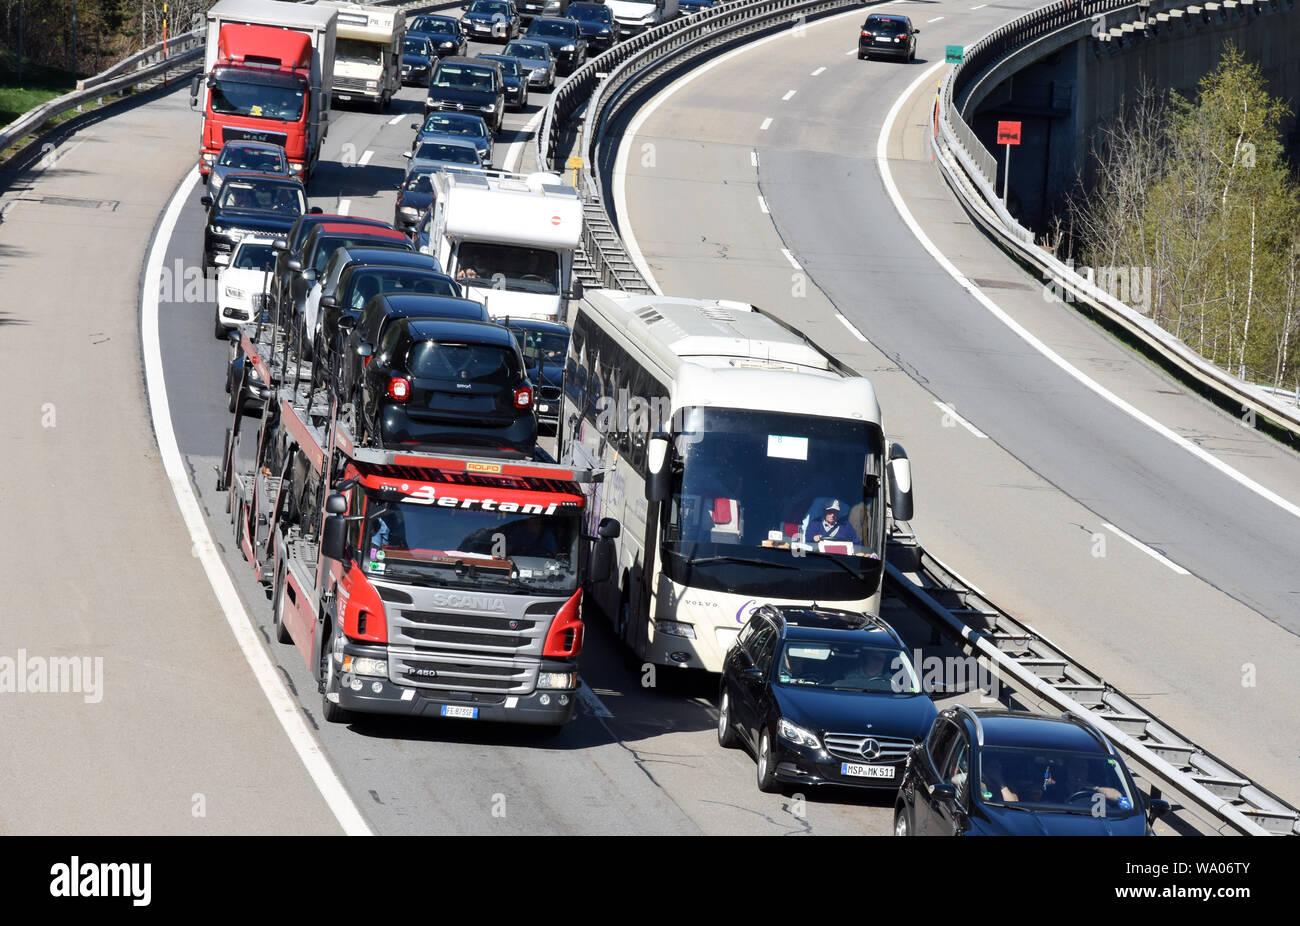 Wassen, Kanton Uri Schweiz, Stau auf der Gotthard-Autobahn, Autotransporter mit Gebrauchtautos, Verkehr, Strassenverkehr, Ocassionen, Automobile, Autohande Stockfoto